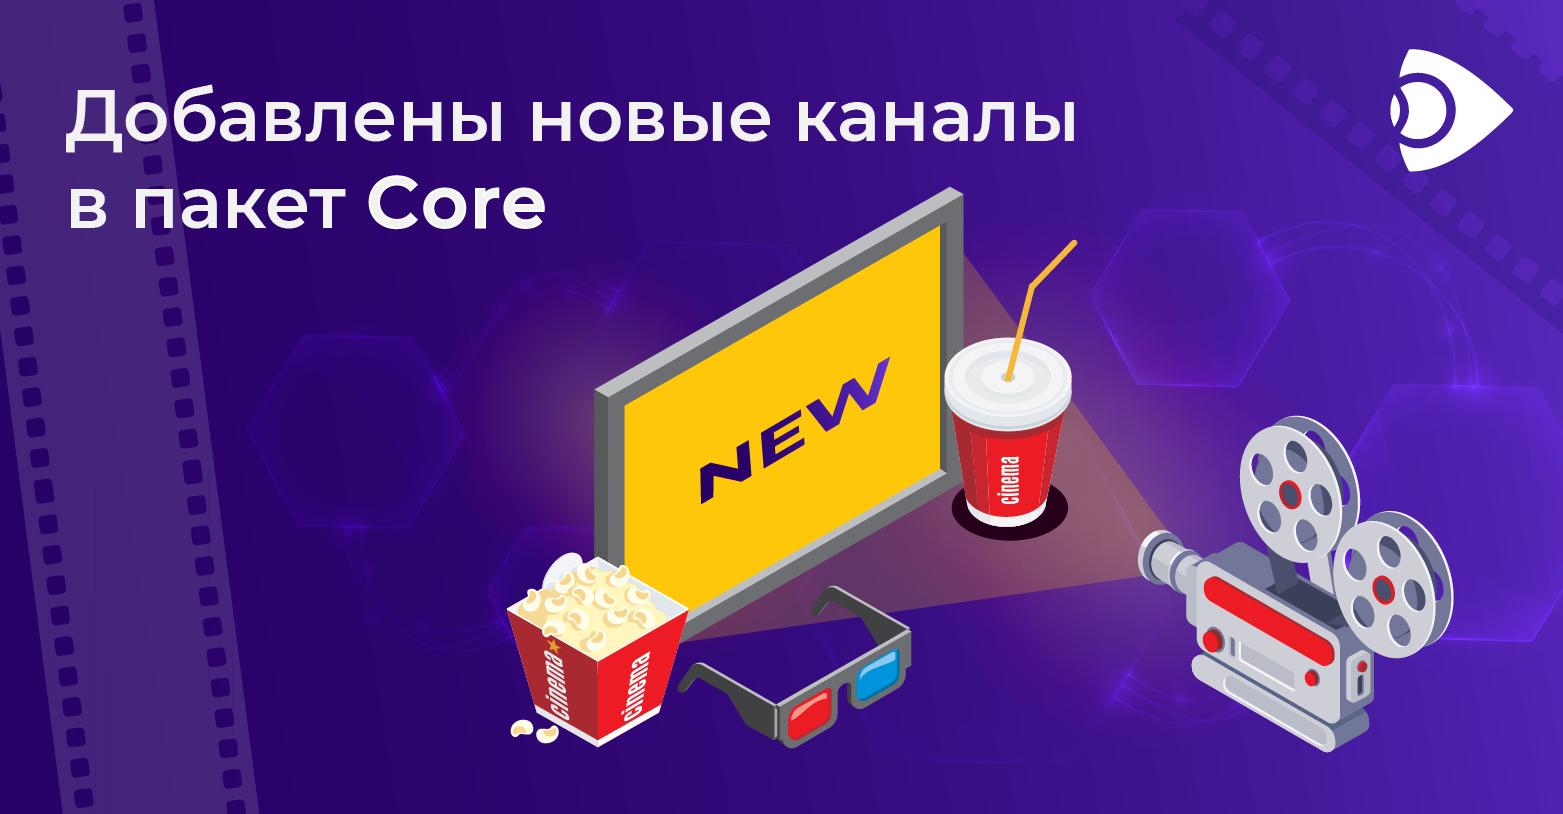 Еще больше каналов в пакете «Core»